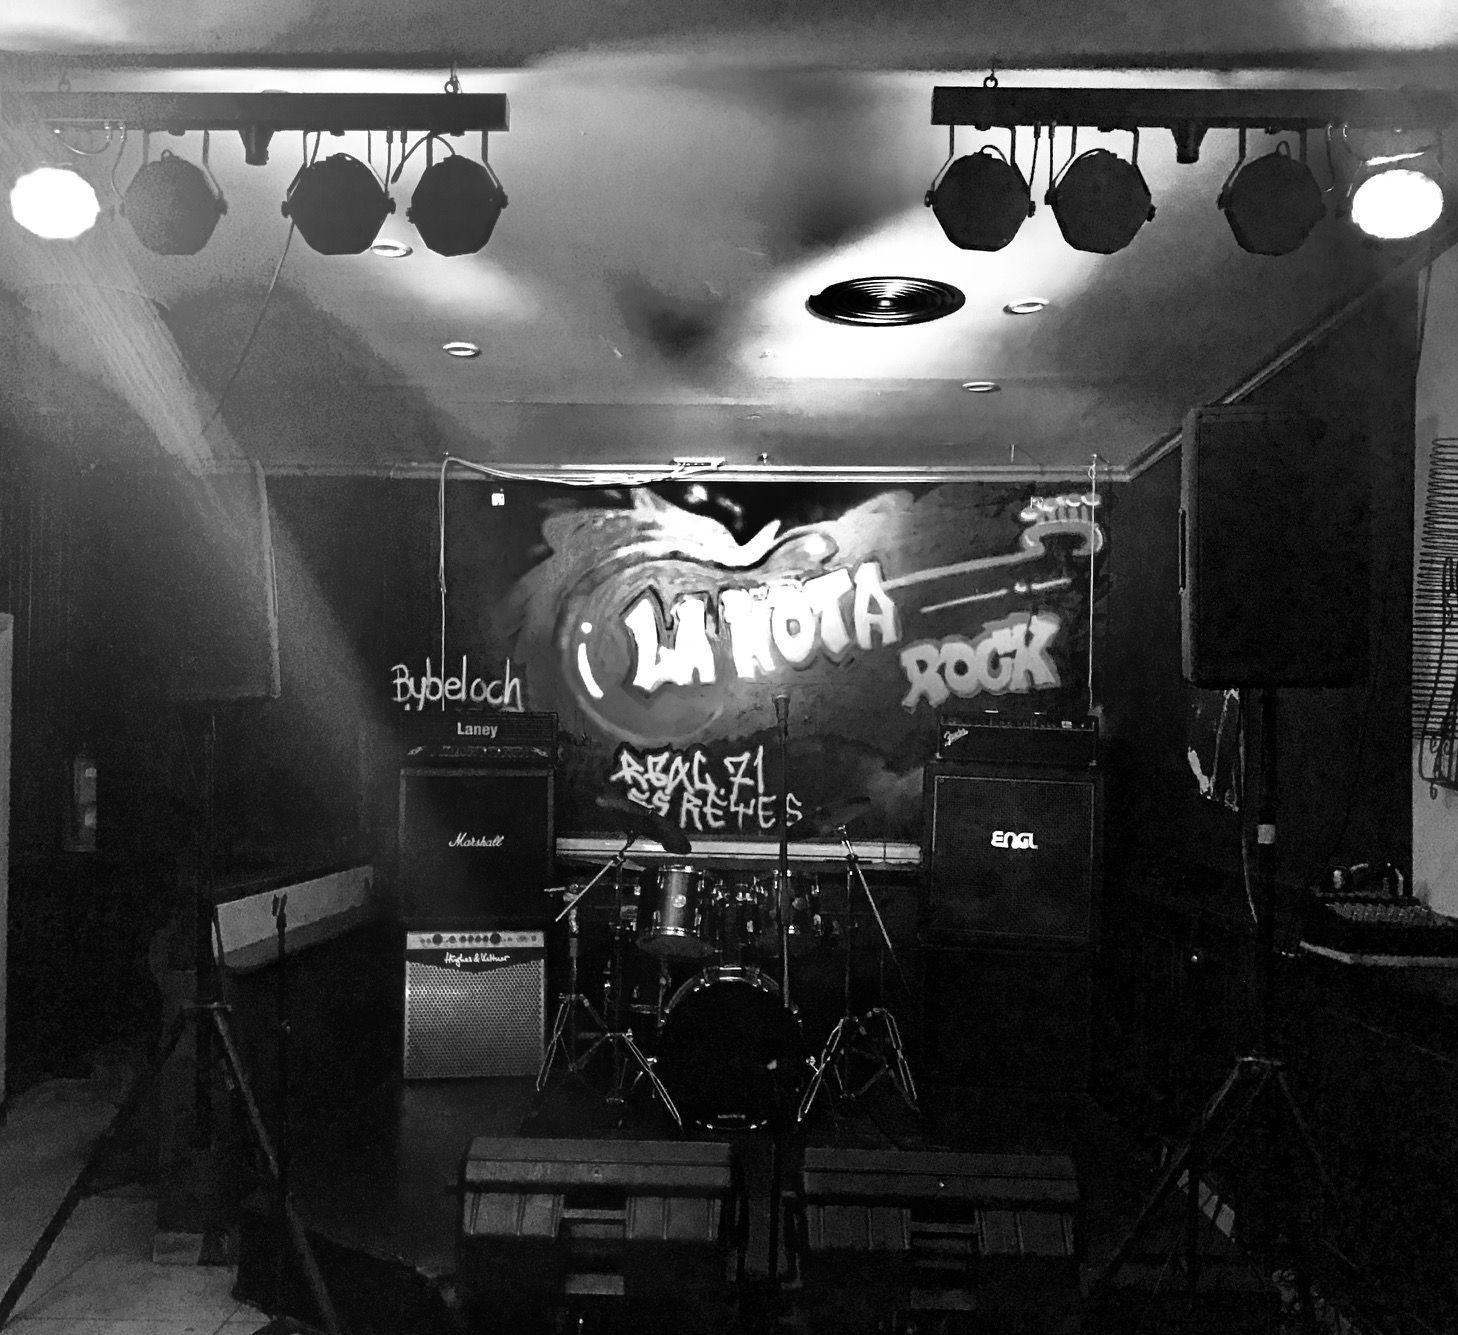 Sala de concierto La Nota Rock